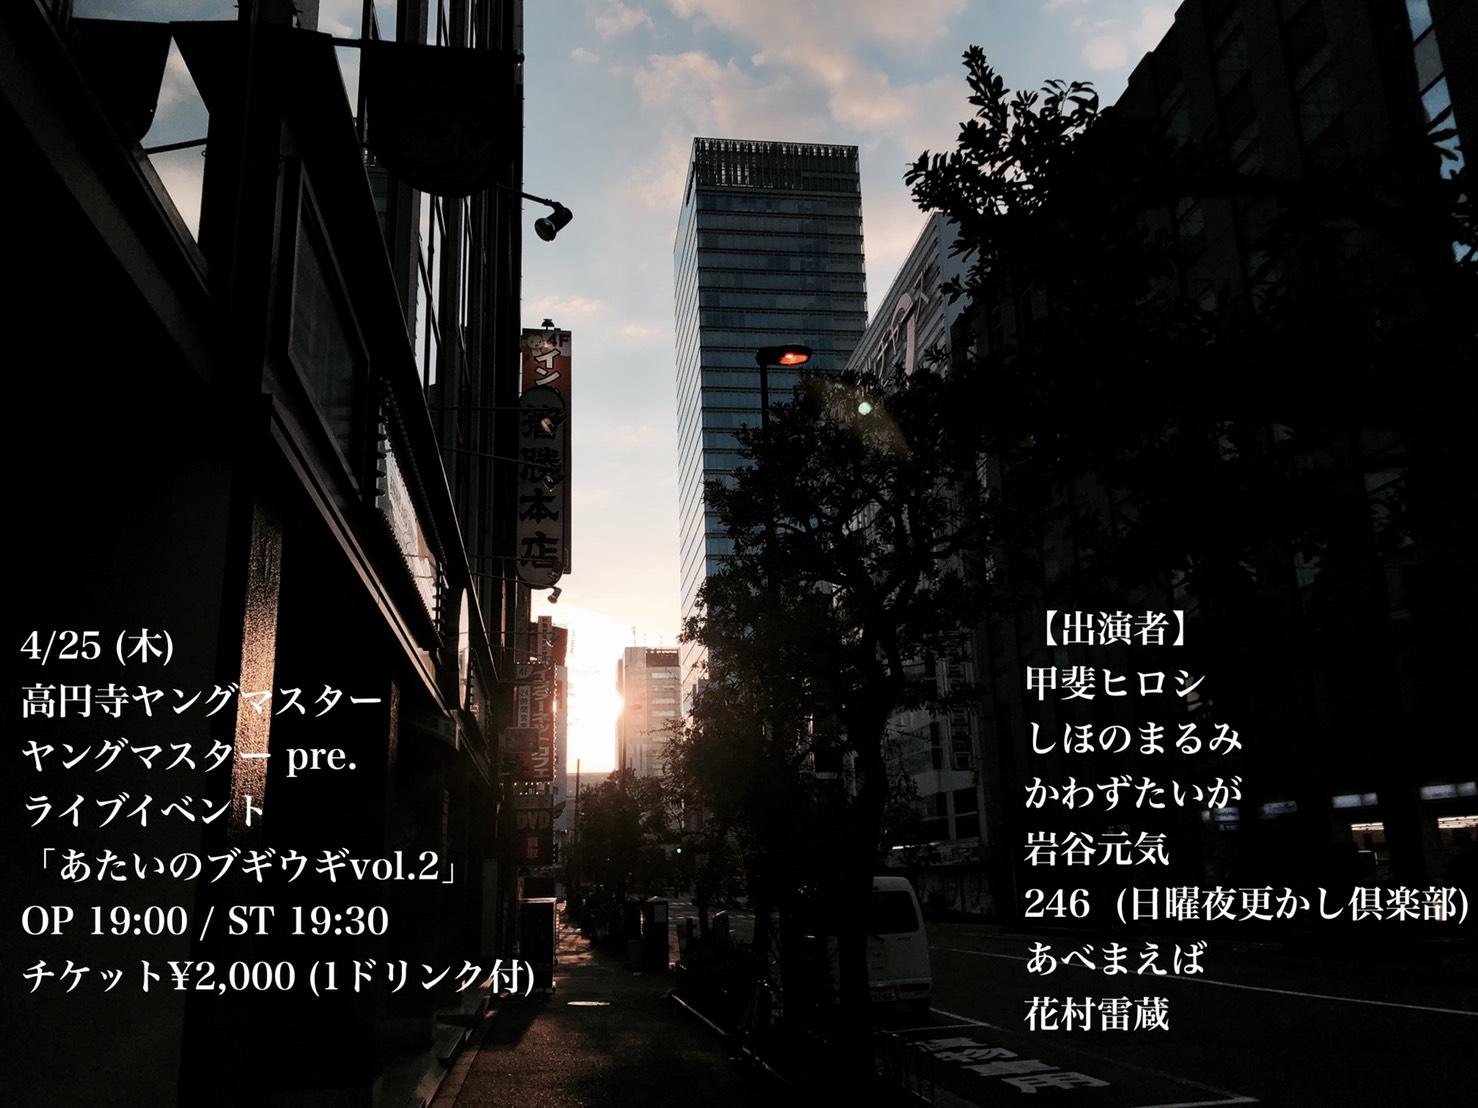 4/25 (木)高円寺ヤングマスター ライブイベント「あたいのブギウギvol.2」